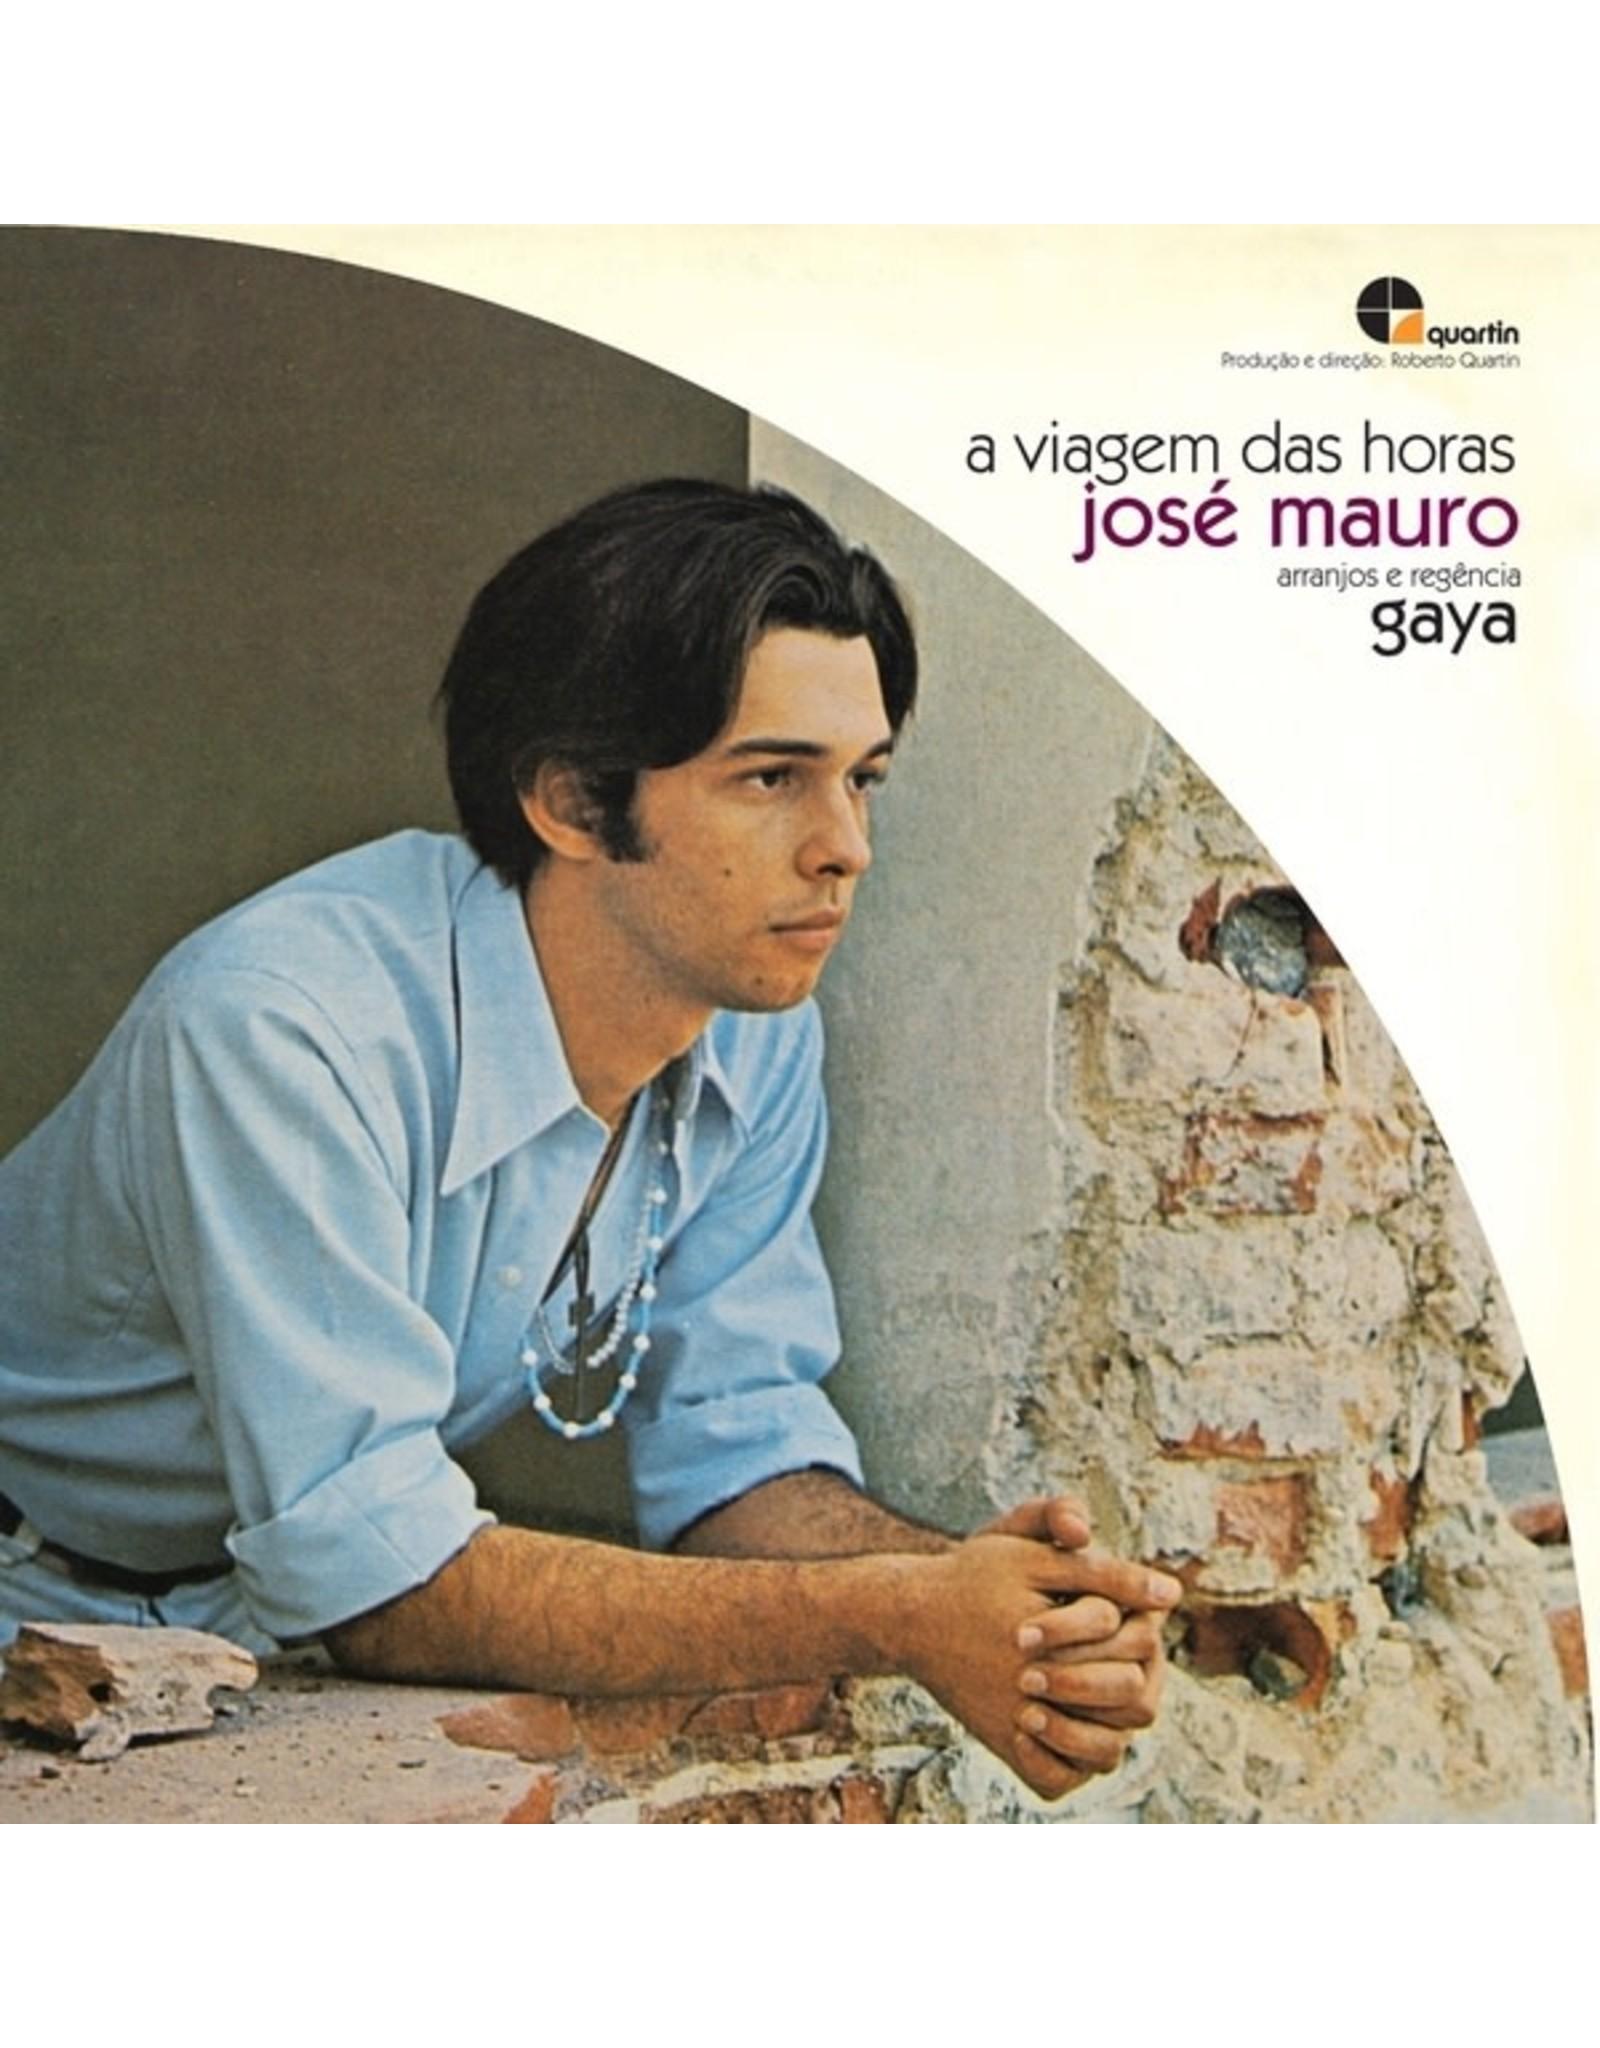 New Vinyl Jose Mauro - A Viagem Das Horas LP